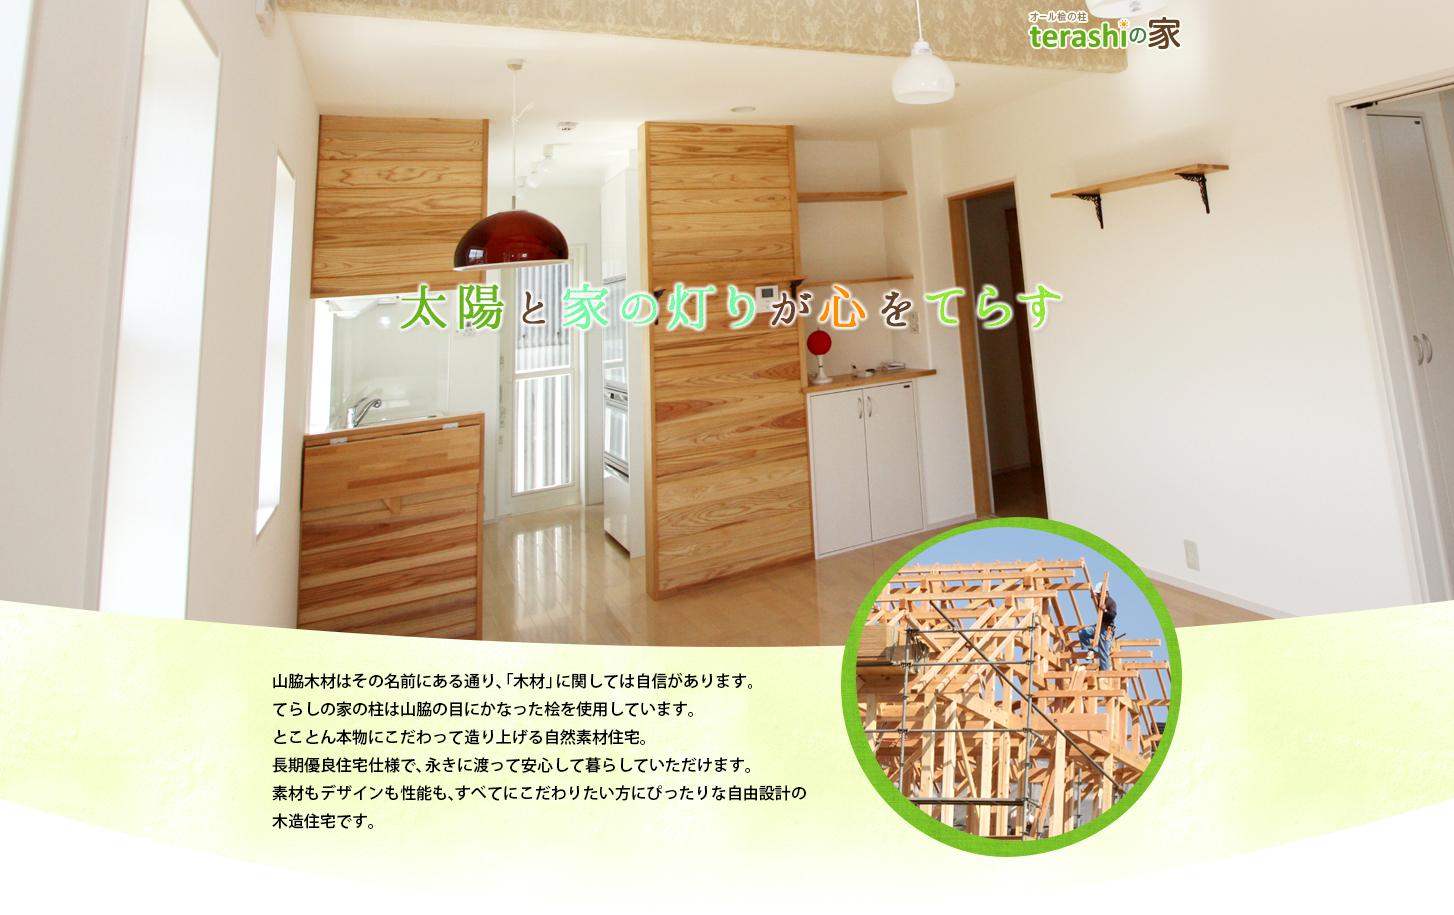 太陽と家の灯りがこころを照らす 豊川市 注文住宅